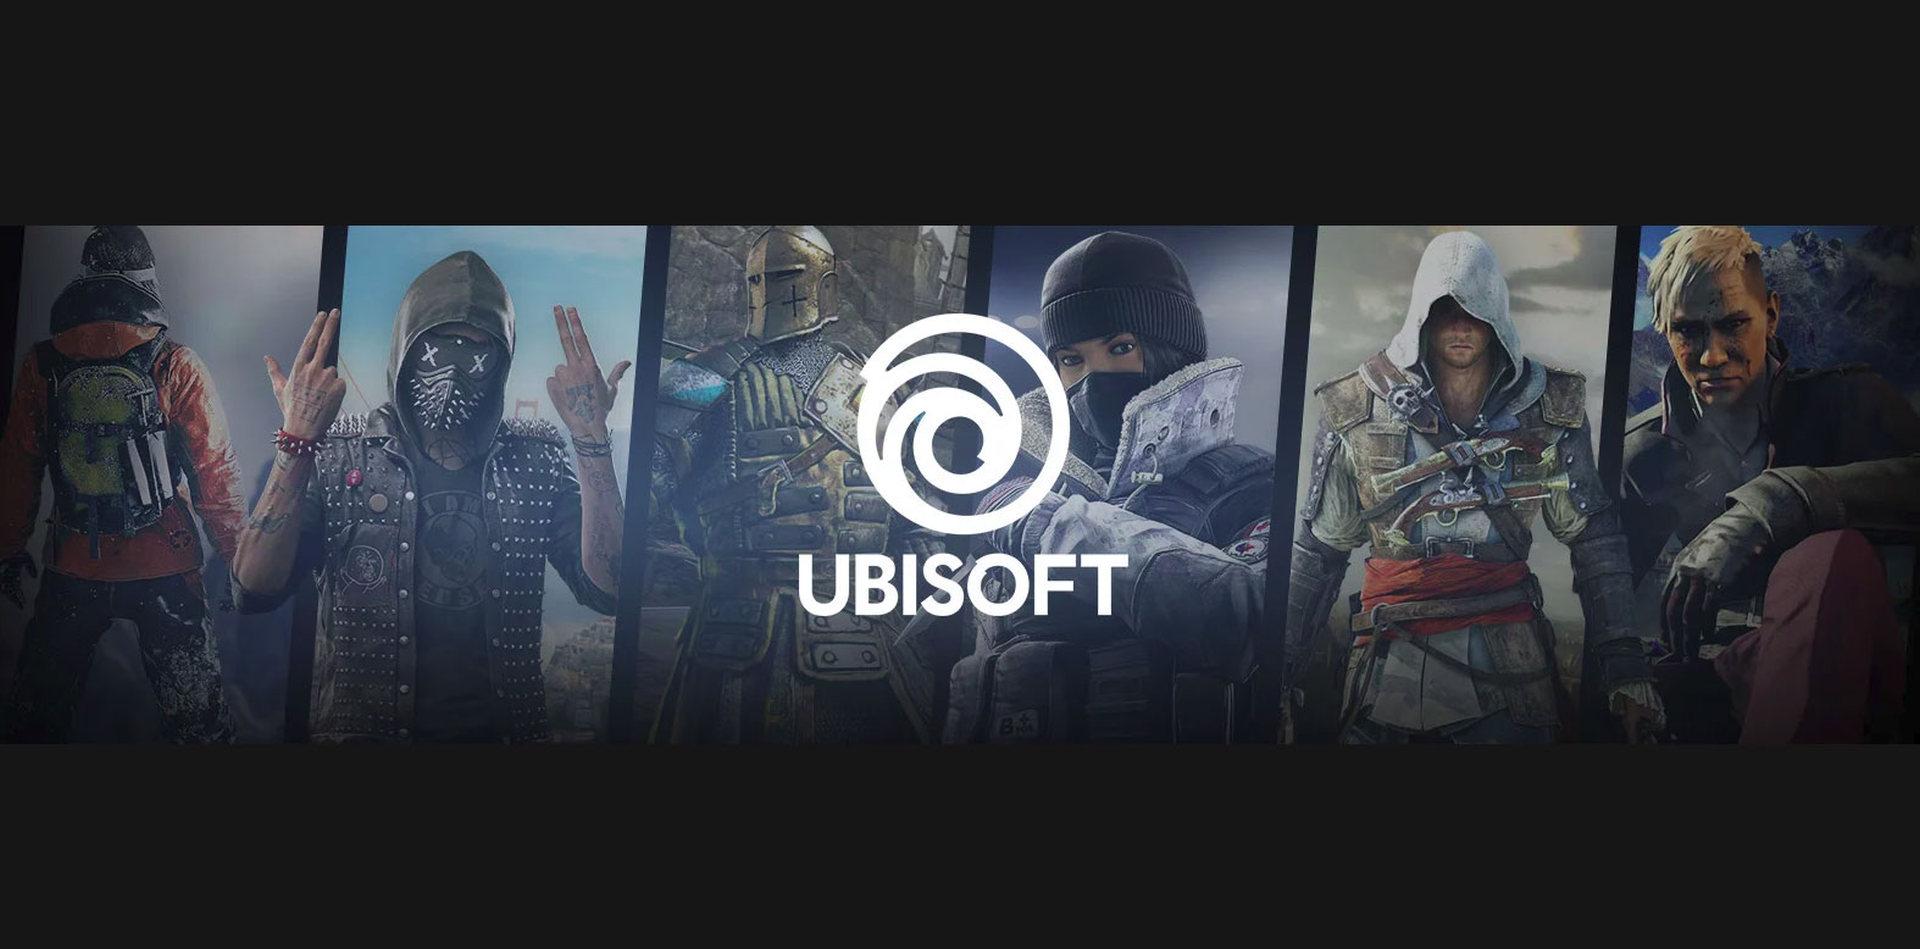 11 игр Ubisoft были проданы тиражом более 10 млн. копий в нынешнем консольном цикле и другое из финансового отчёта